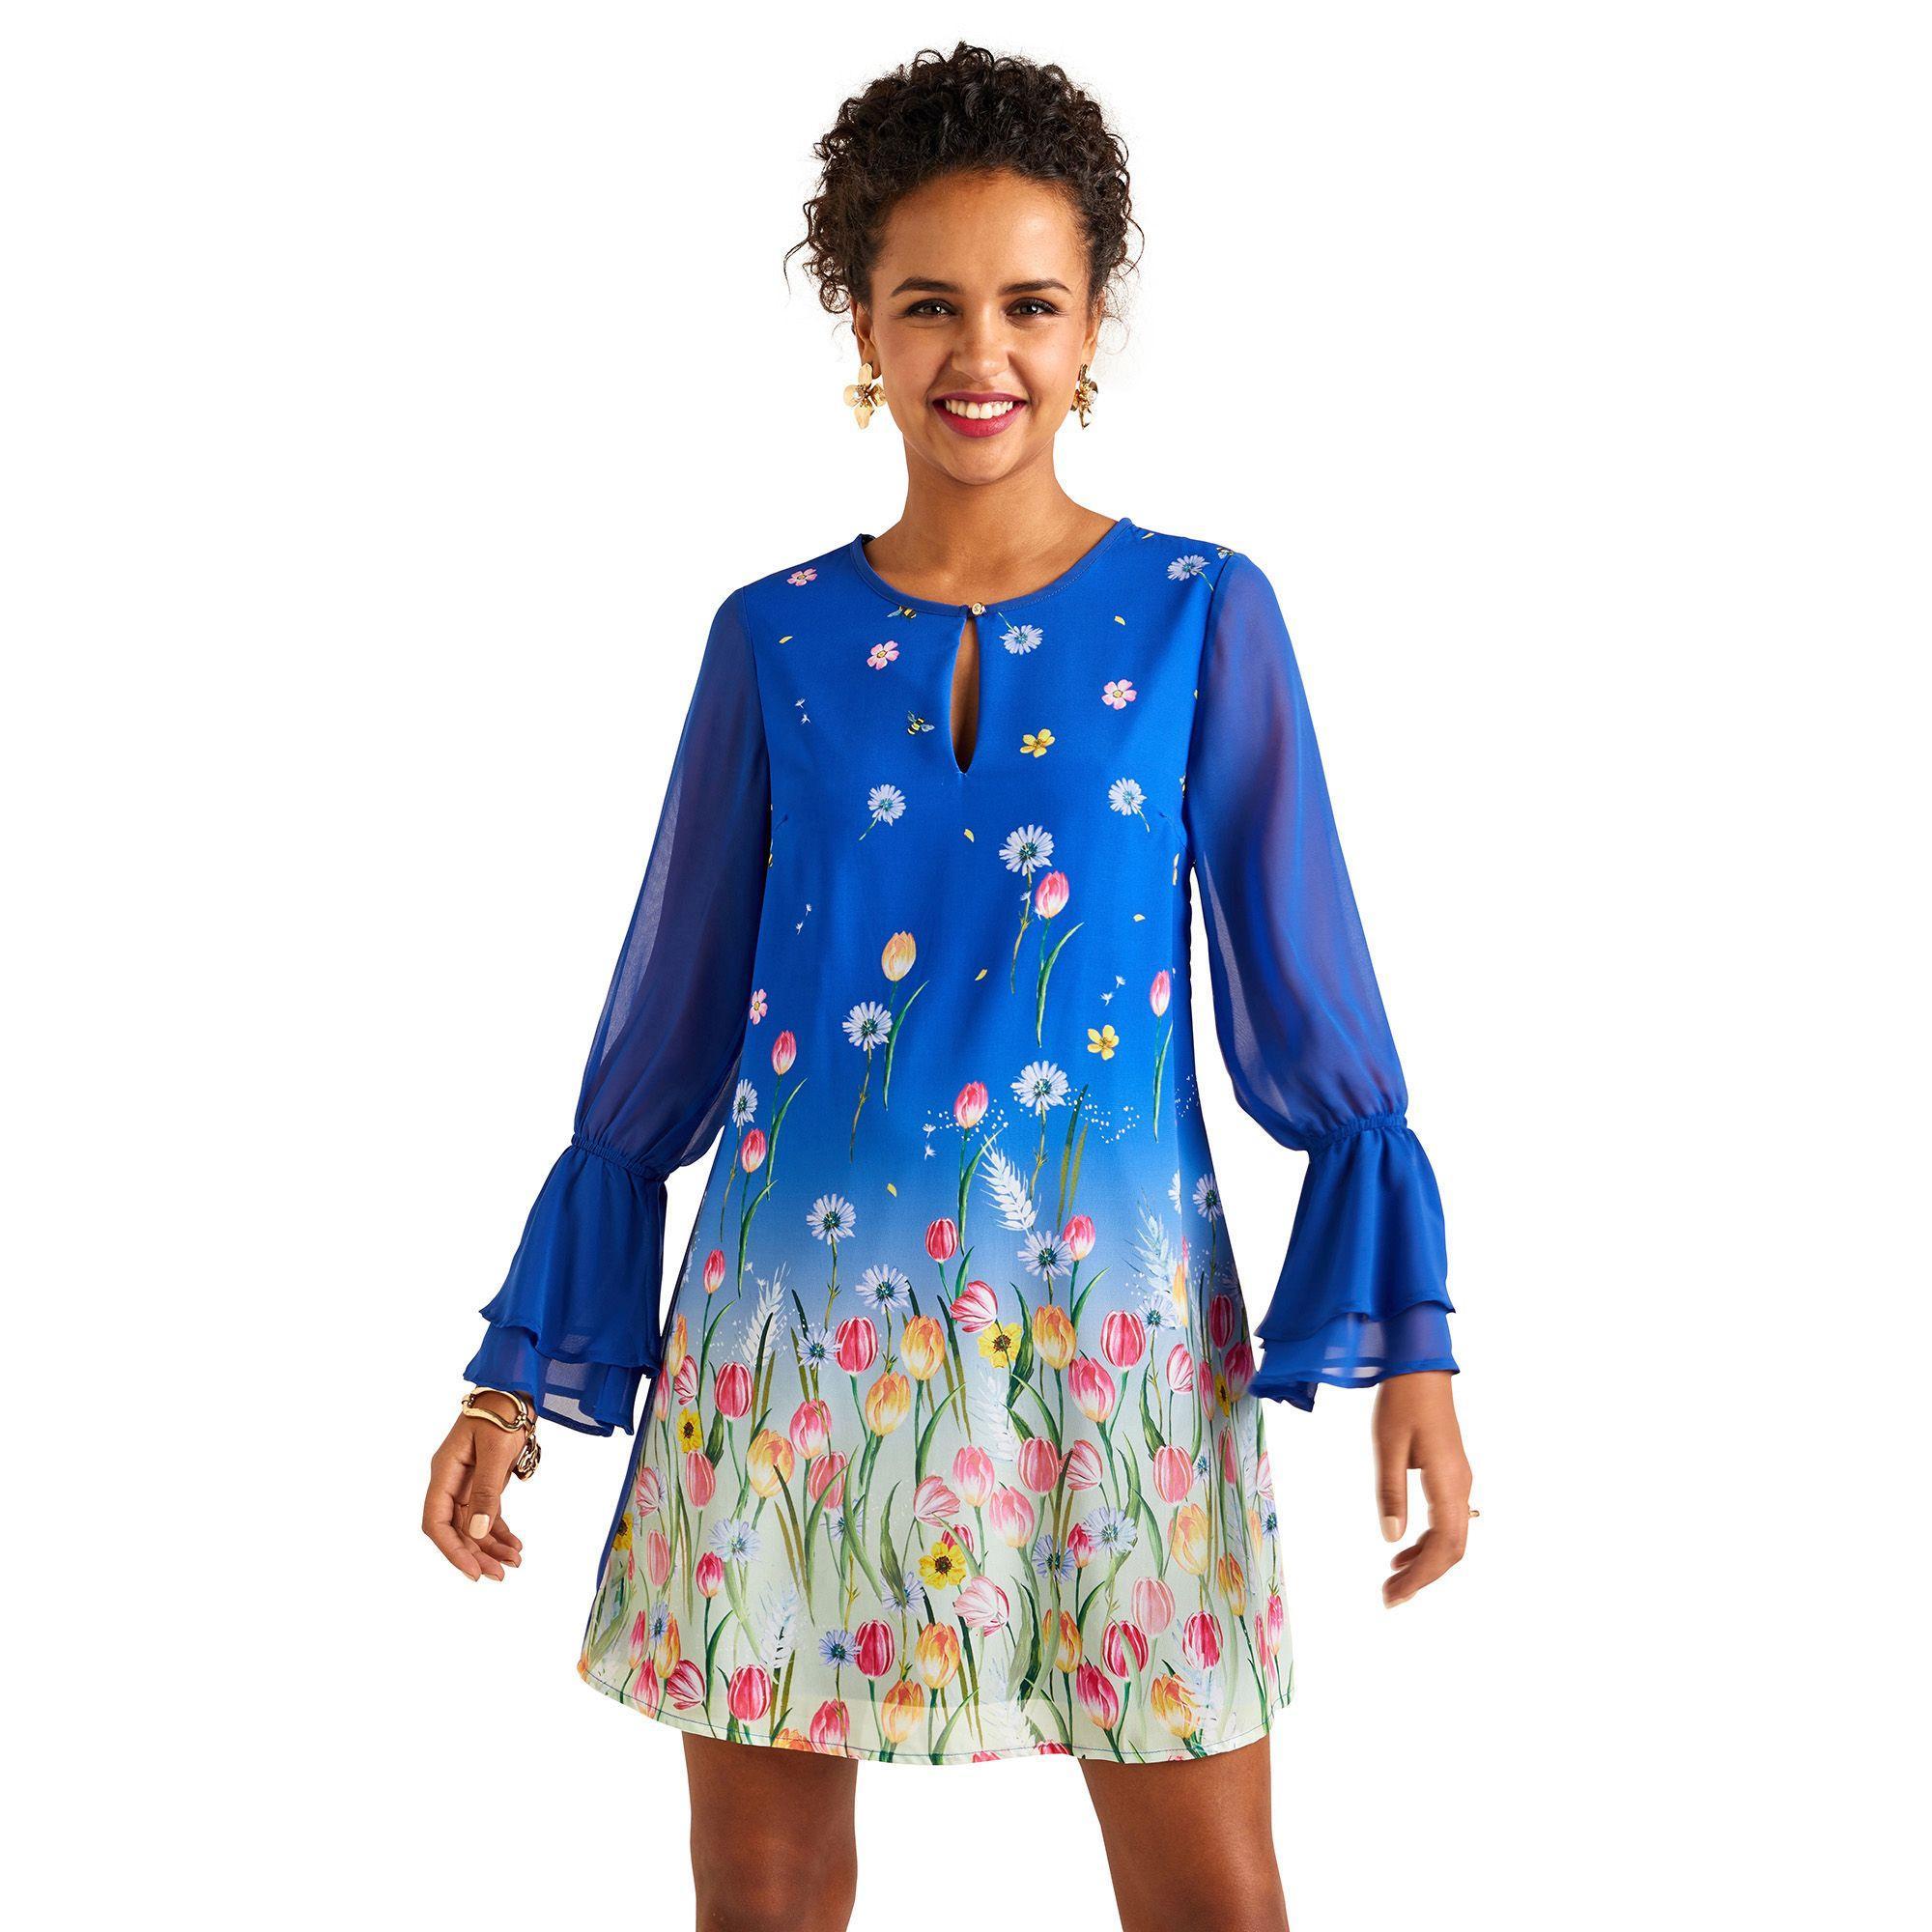 7b34a0be276f2 Yumi' Blue Floral Print Layered Frill Cuff Tunic Dress in Blue - Lyst